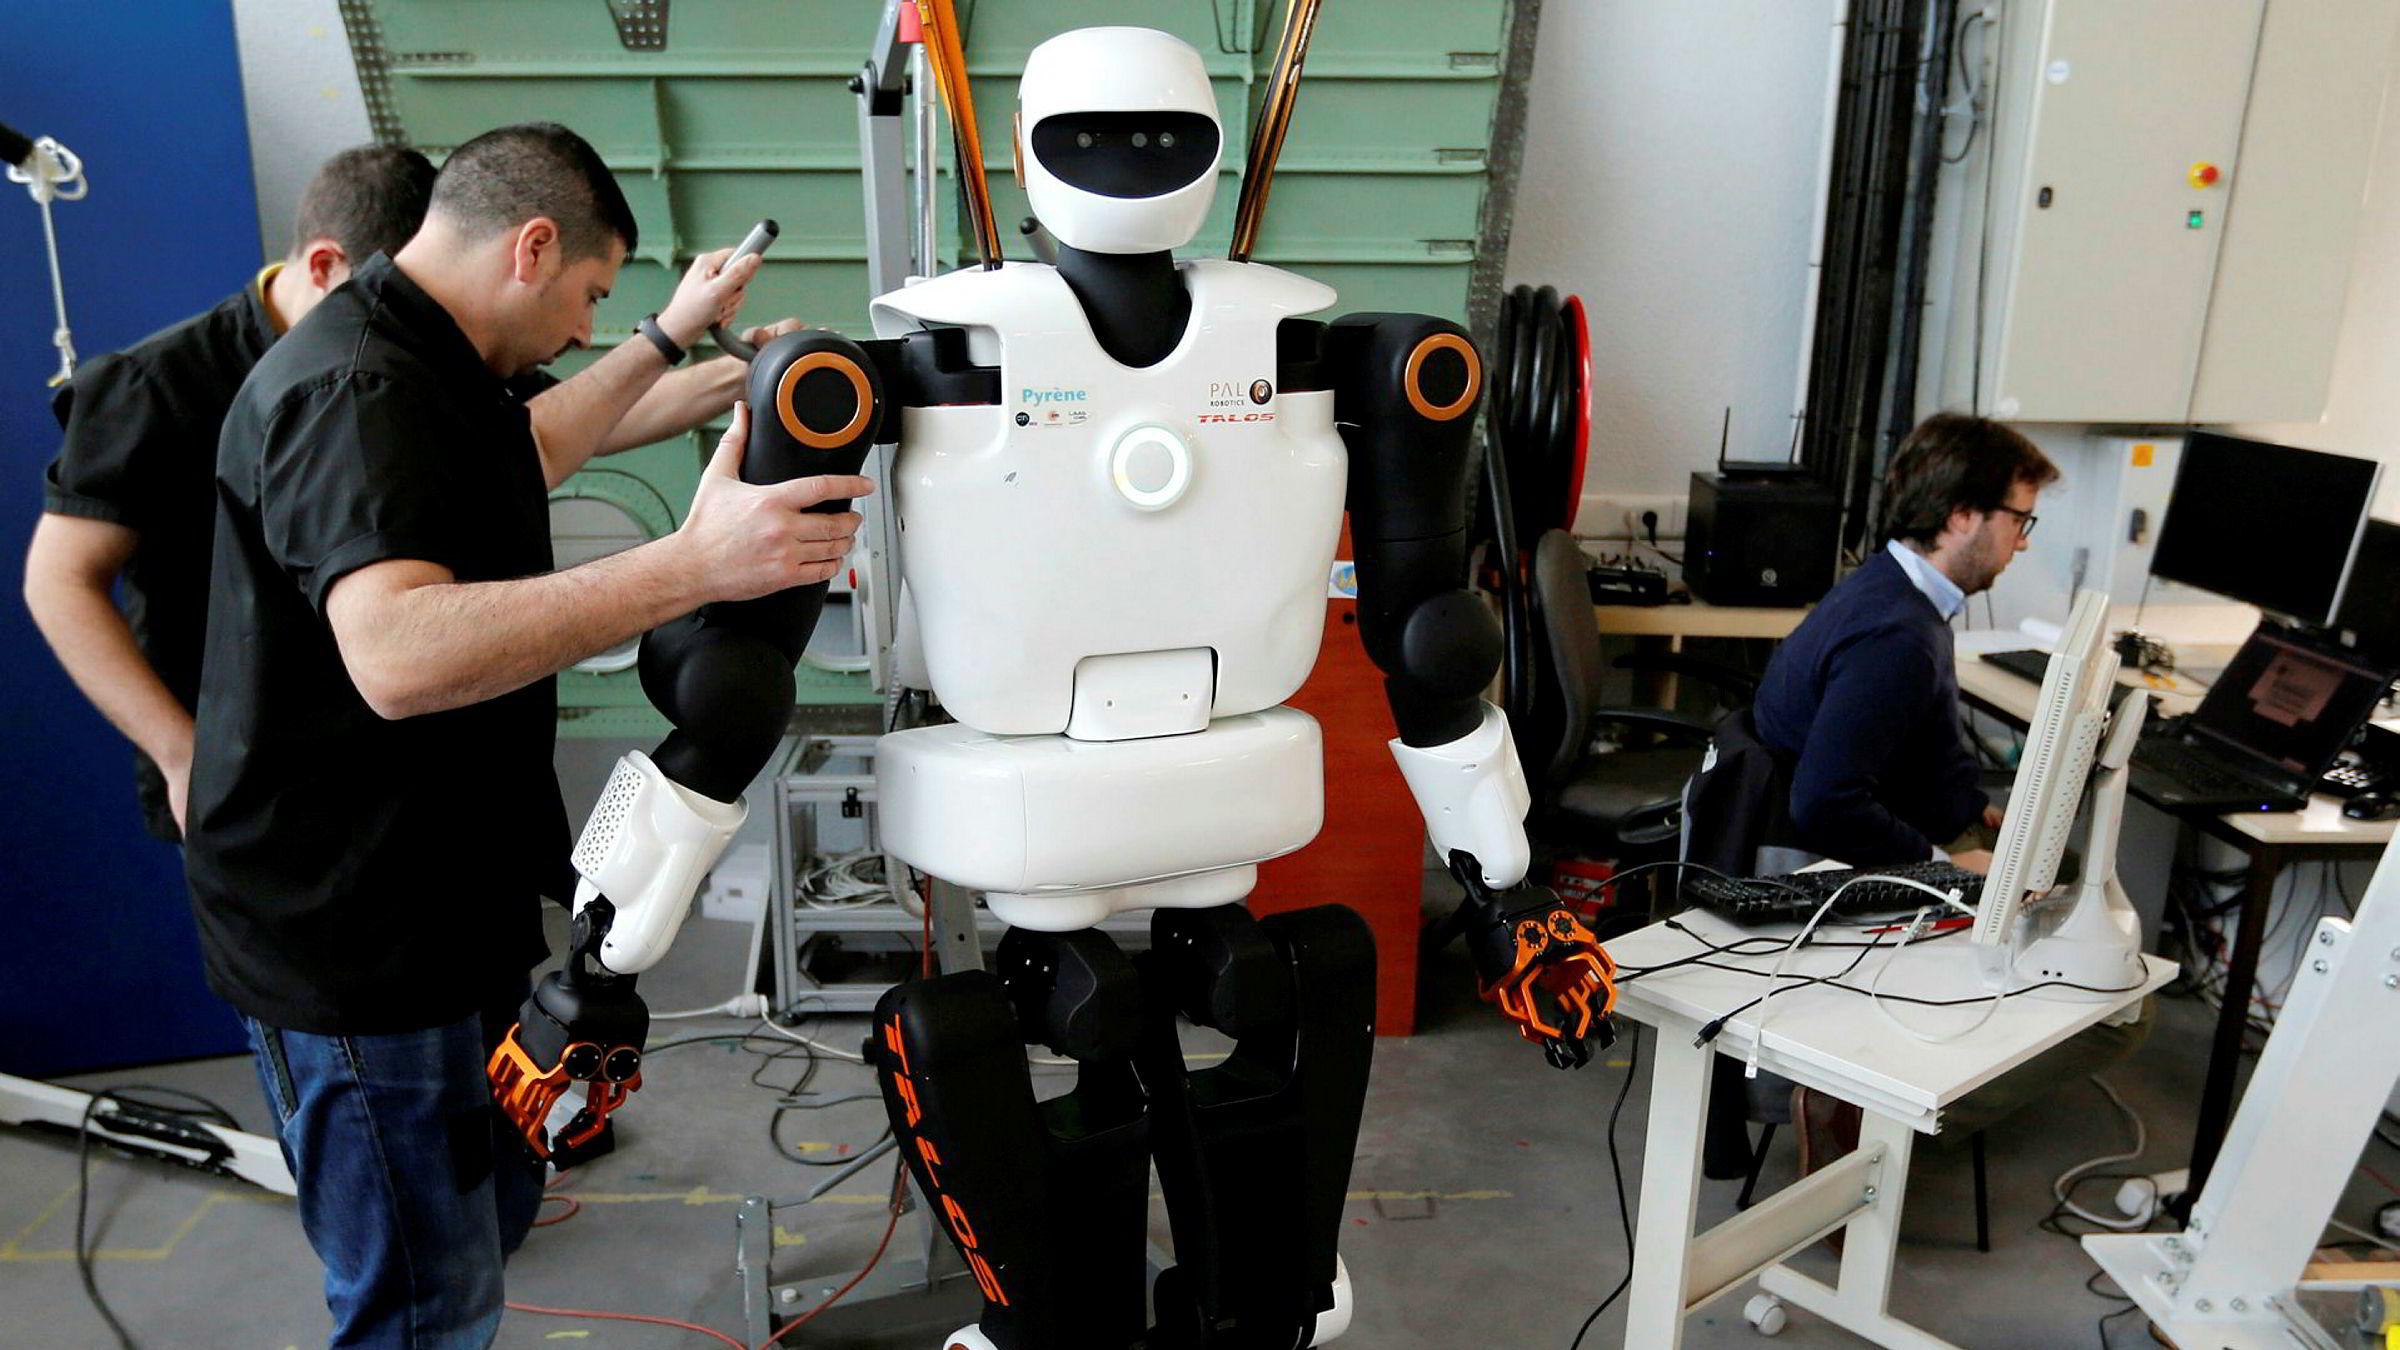 Mange økonomer trekker frem at ny teknologi alltid har tatt jobber, og at dette ikke er et problem. Tvert om fører ny teknologi til økende produktivitet og velstand, samtidig som nye jobber kommer i andre sektorer. Her tester forskere en menneskelignende robot i Frankrike.